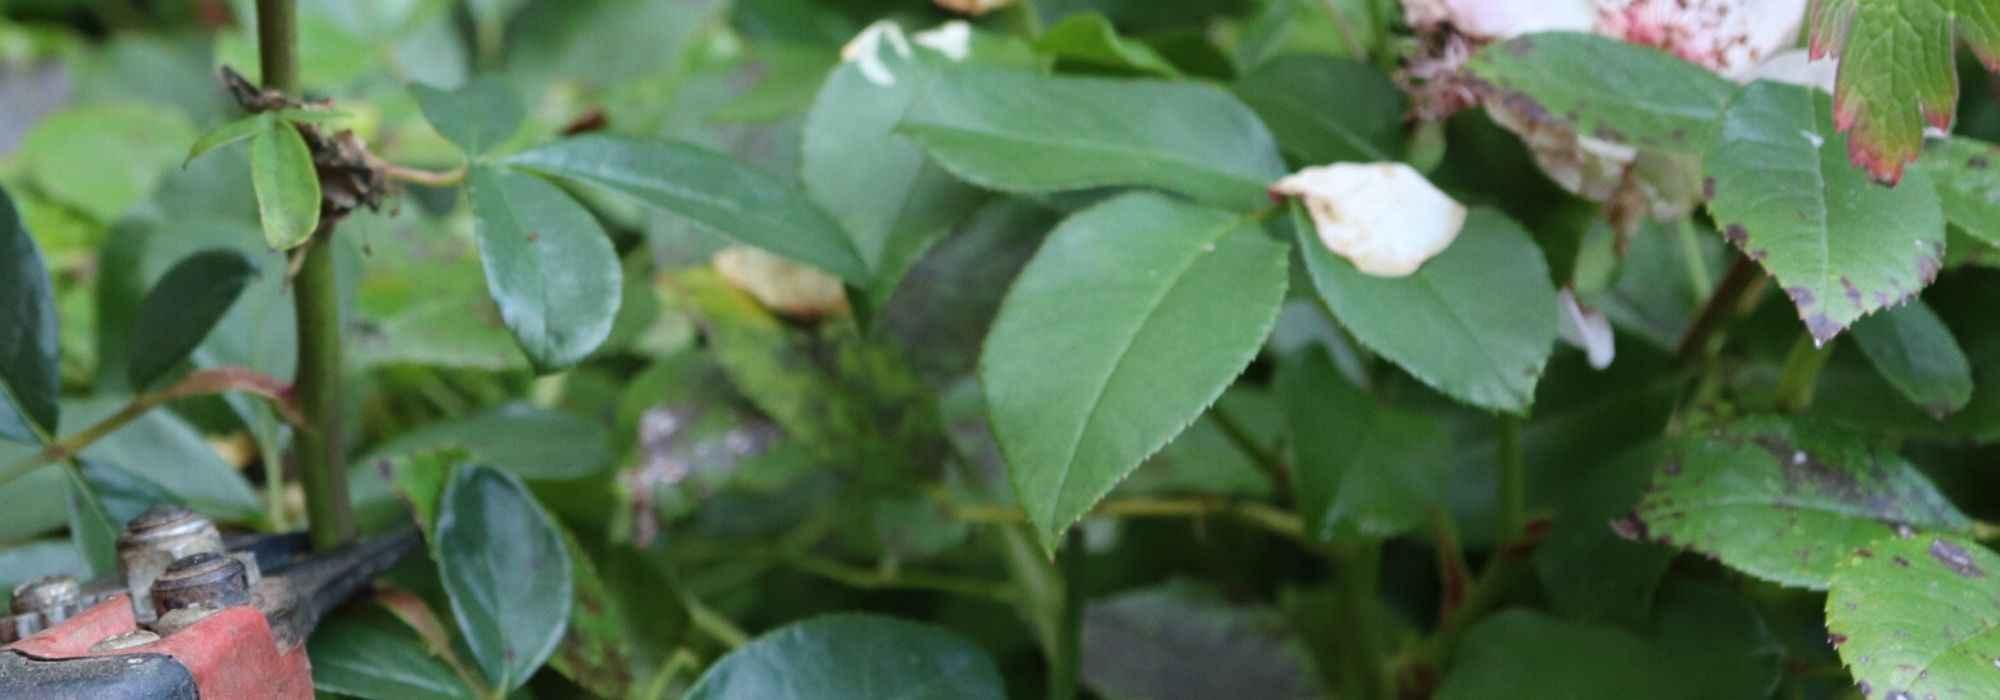 Quand Et Comment Tailler Un Rosier la taille des rosiers : comment faire ? explications et conseils